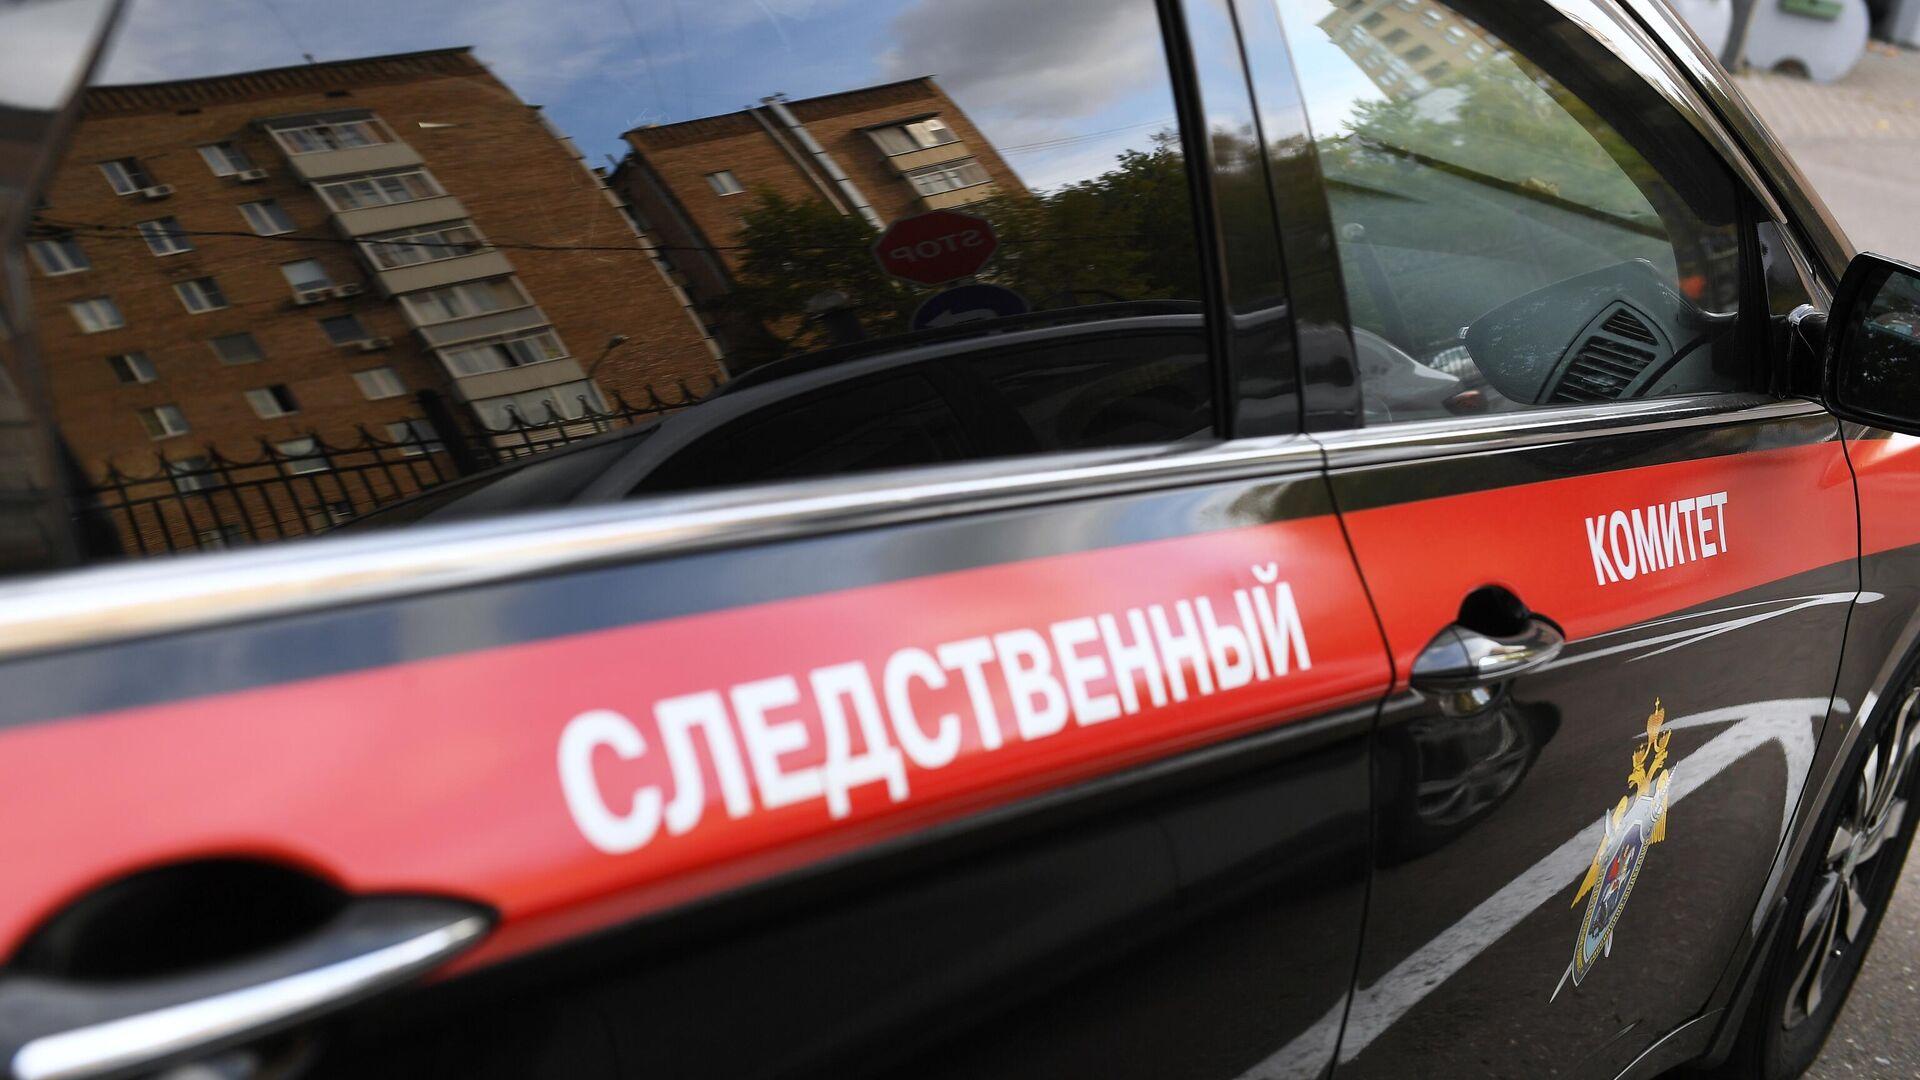 Автомобиль Следственного комитета РФ  - РИА Новости, 1920, 23.02.2021